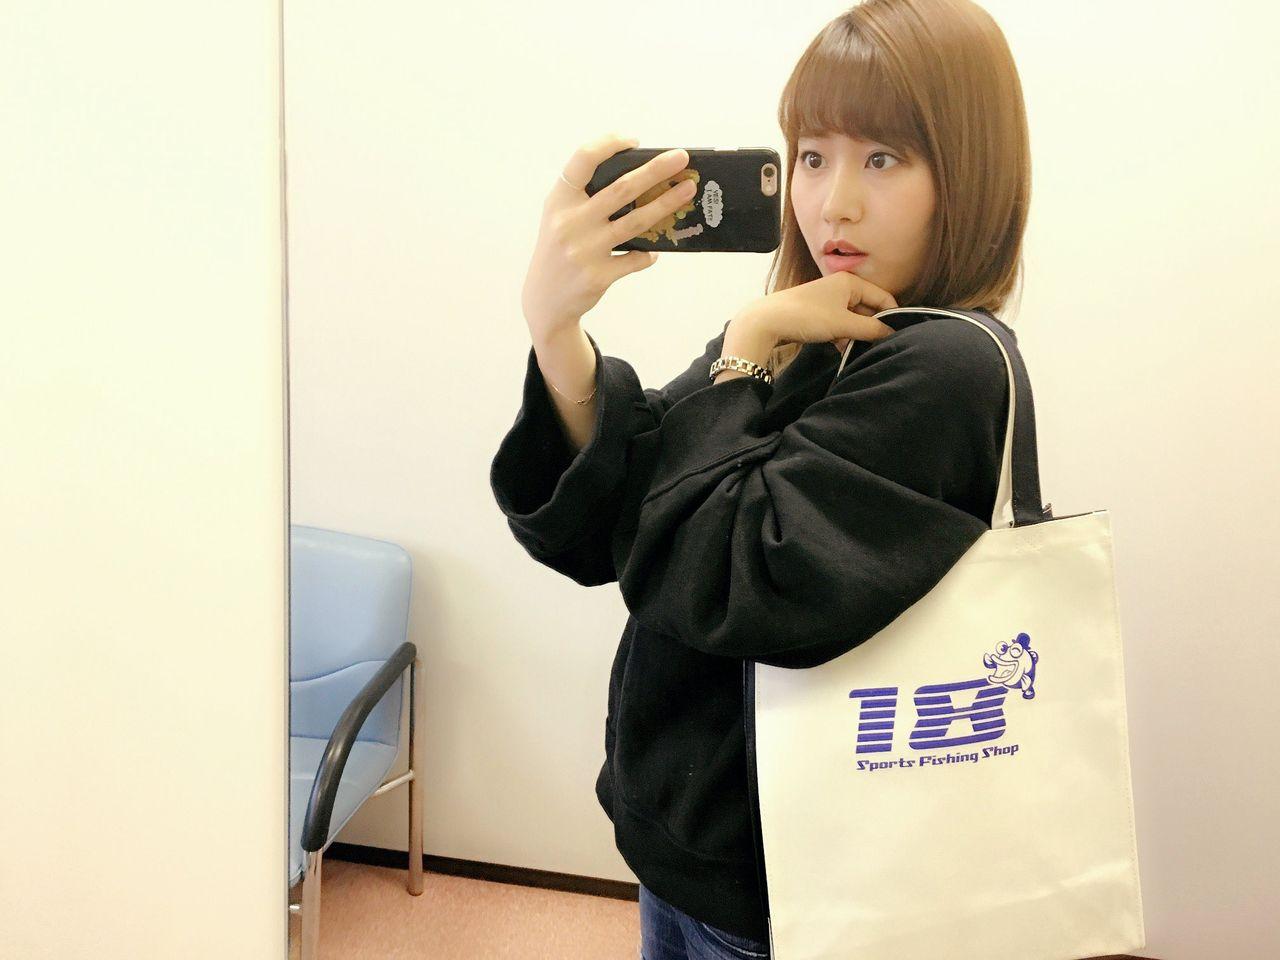 元NMB48門脇佳奈子が太ってるwwwwwww